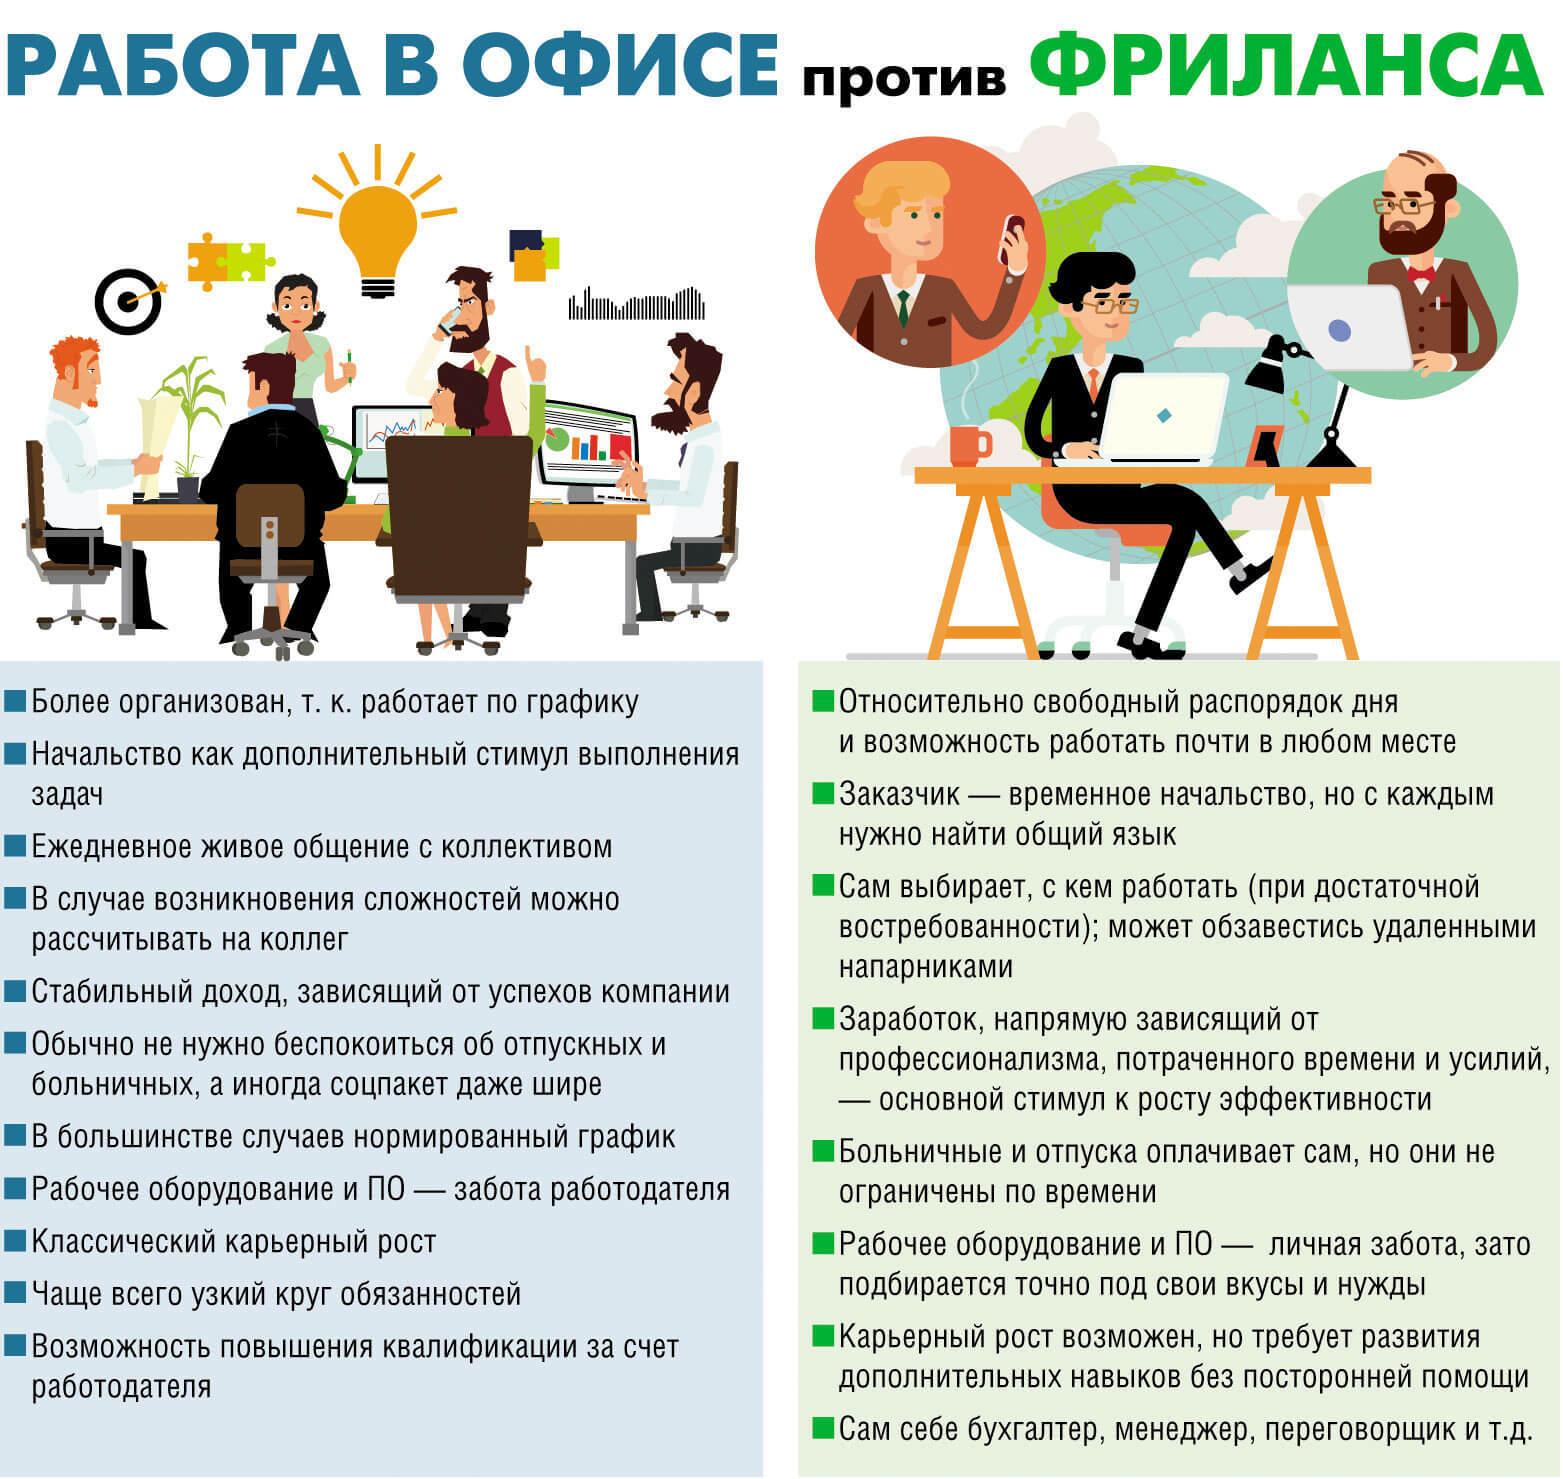 Фрилансеры работа украина фриланс и удаленная работа отличия